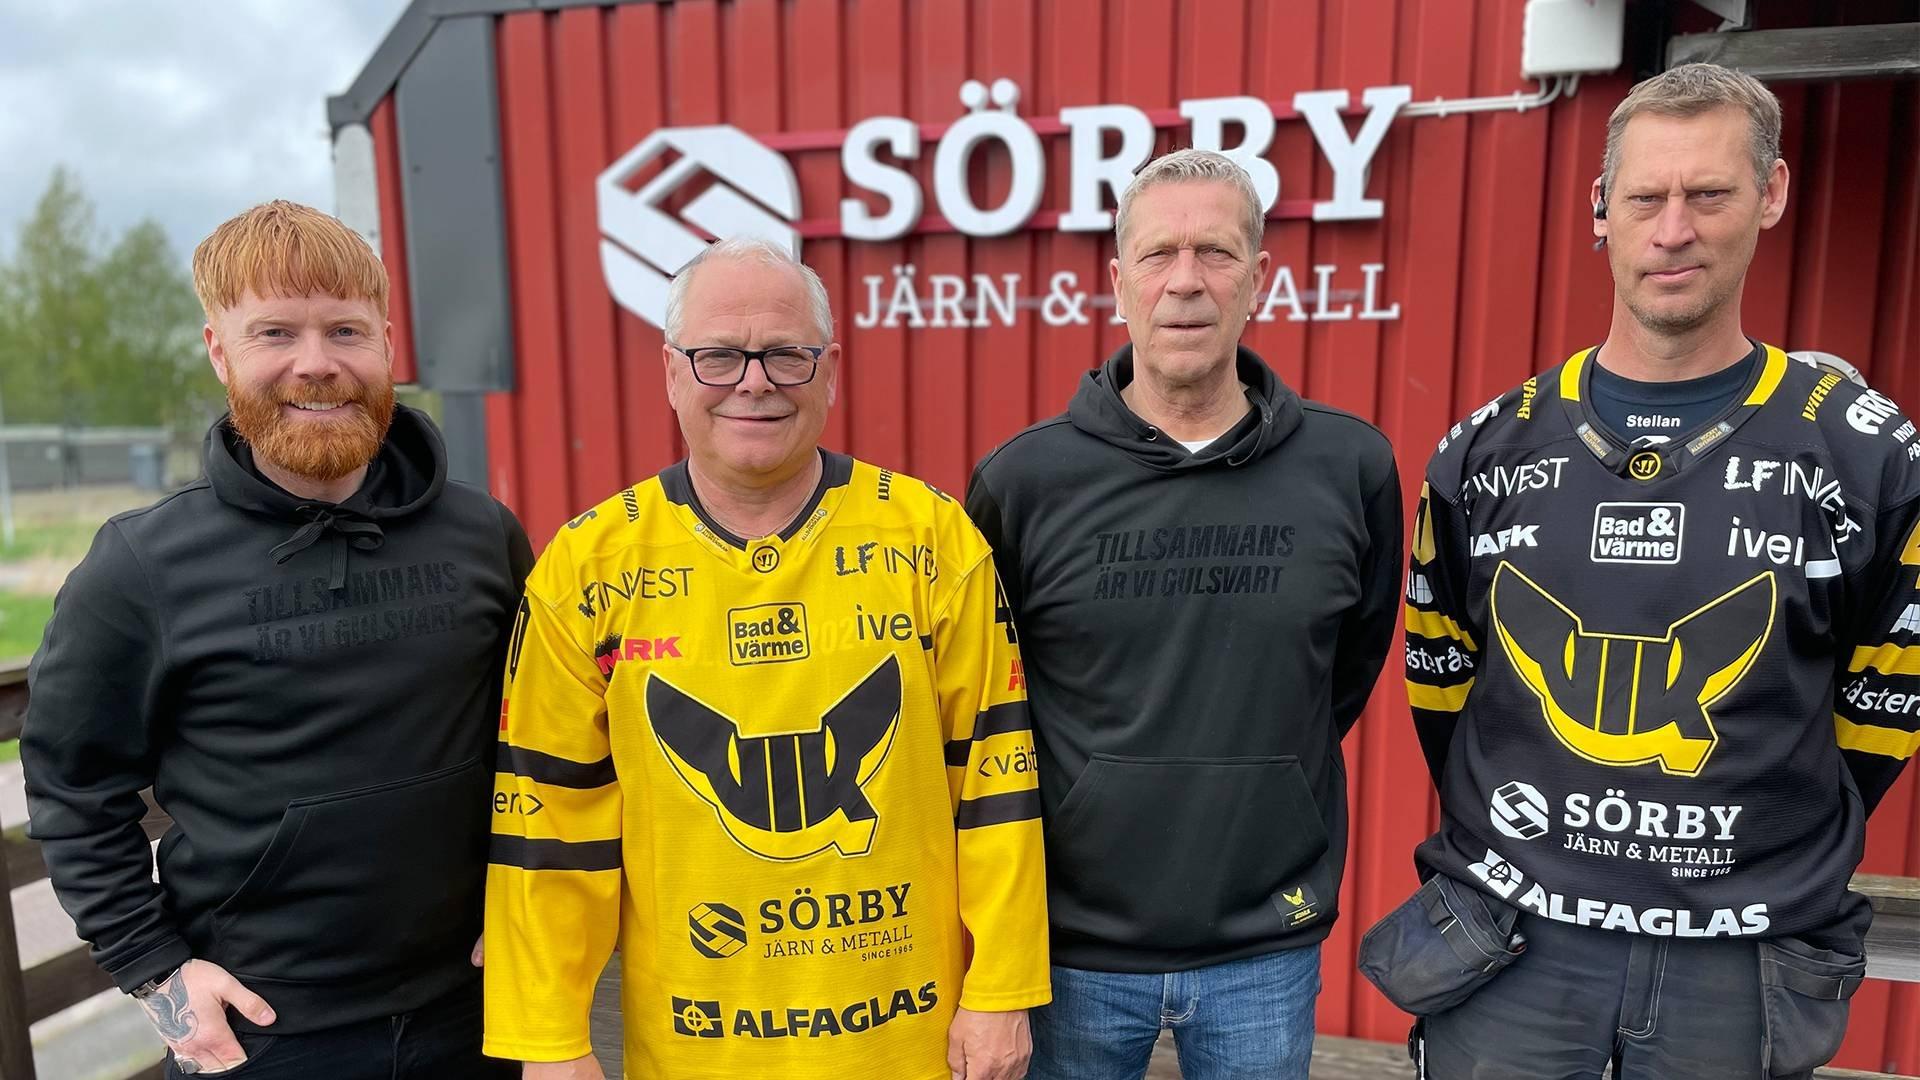 Sörby Järn & Metall blir ny Diamantpartner